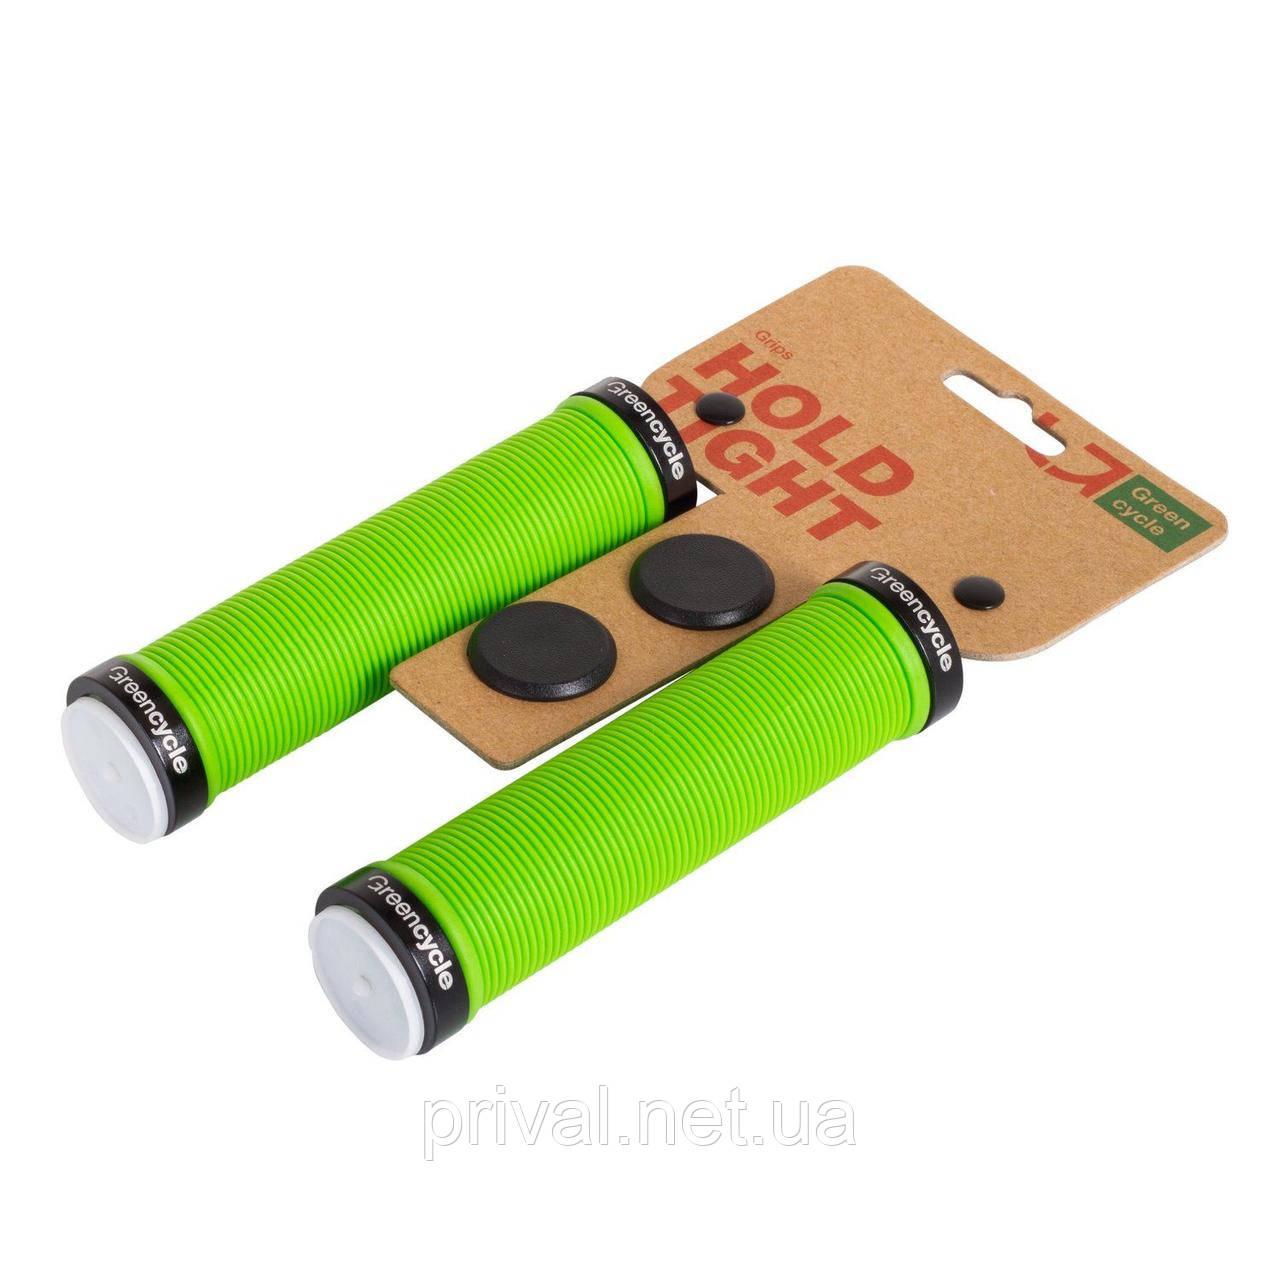 Грипсы Green Cycle GGR-421 130mm зеленый с двумя черными замками